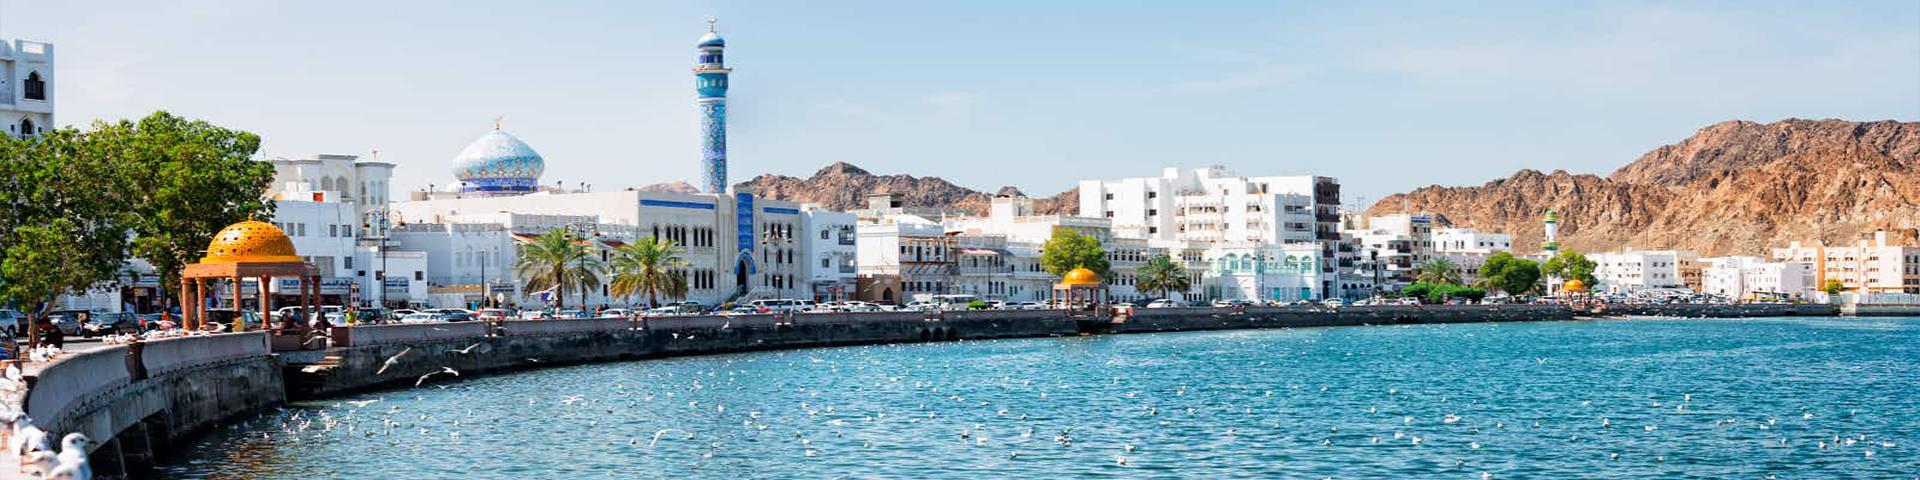 تورهای عمان همیشه سفر